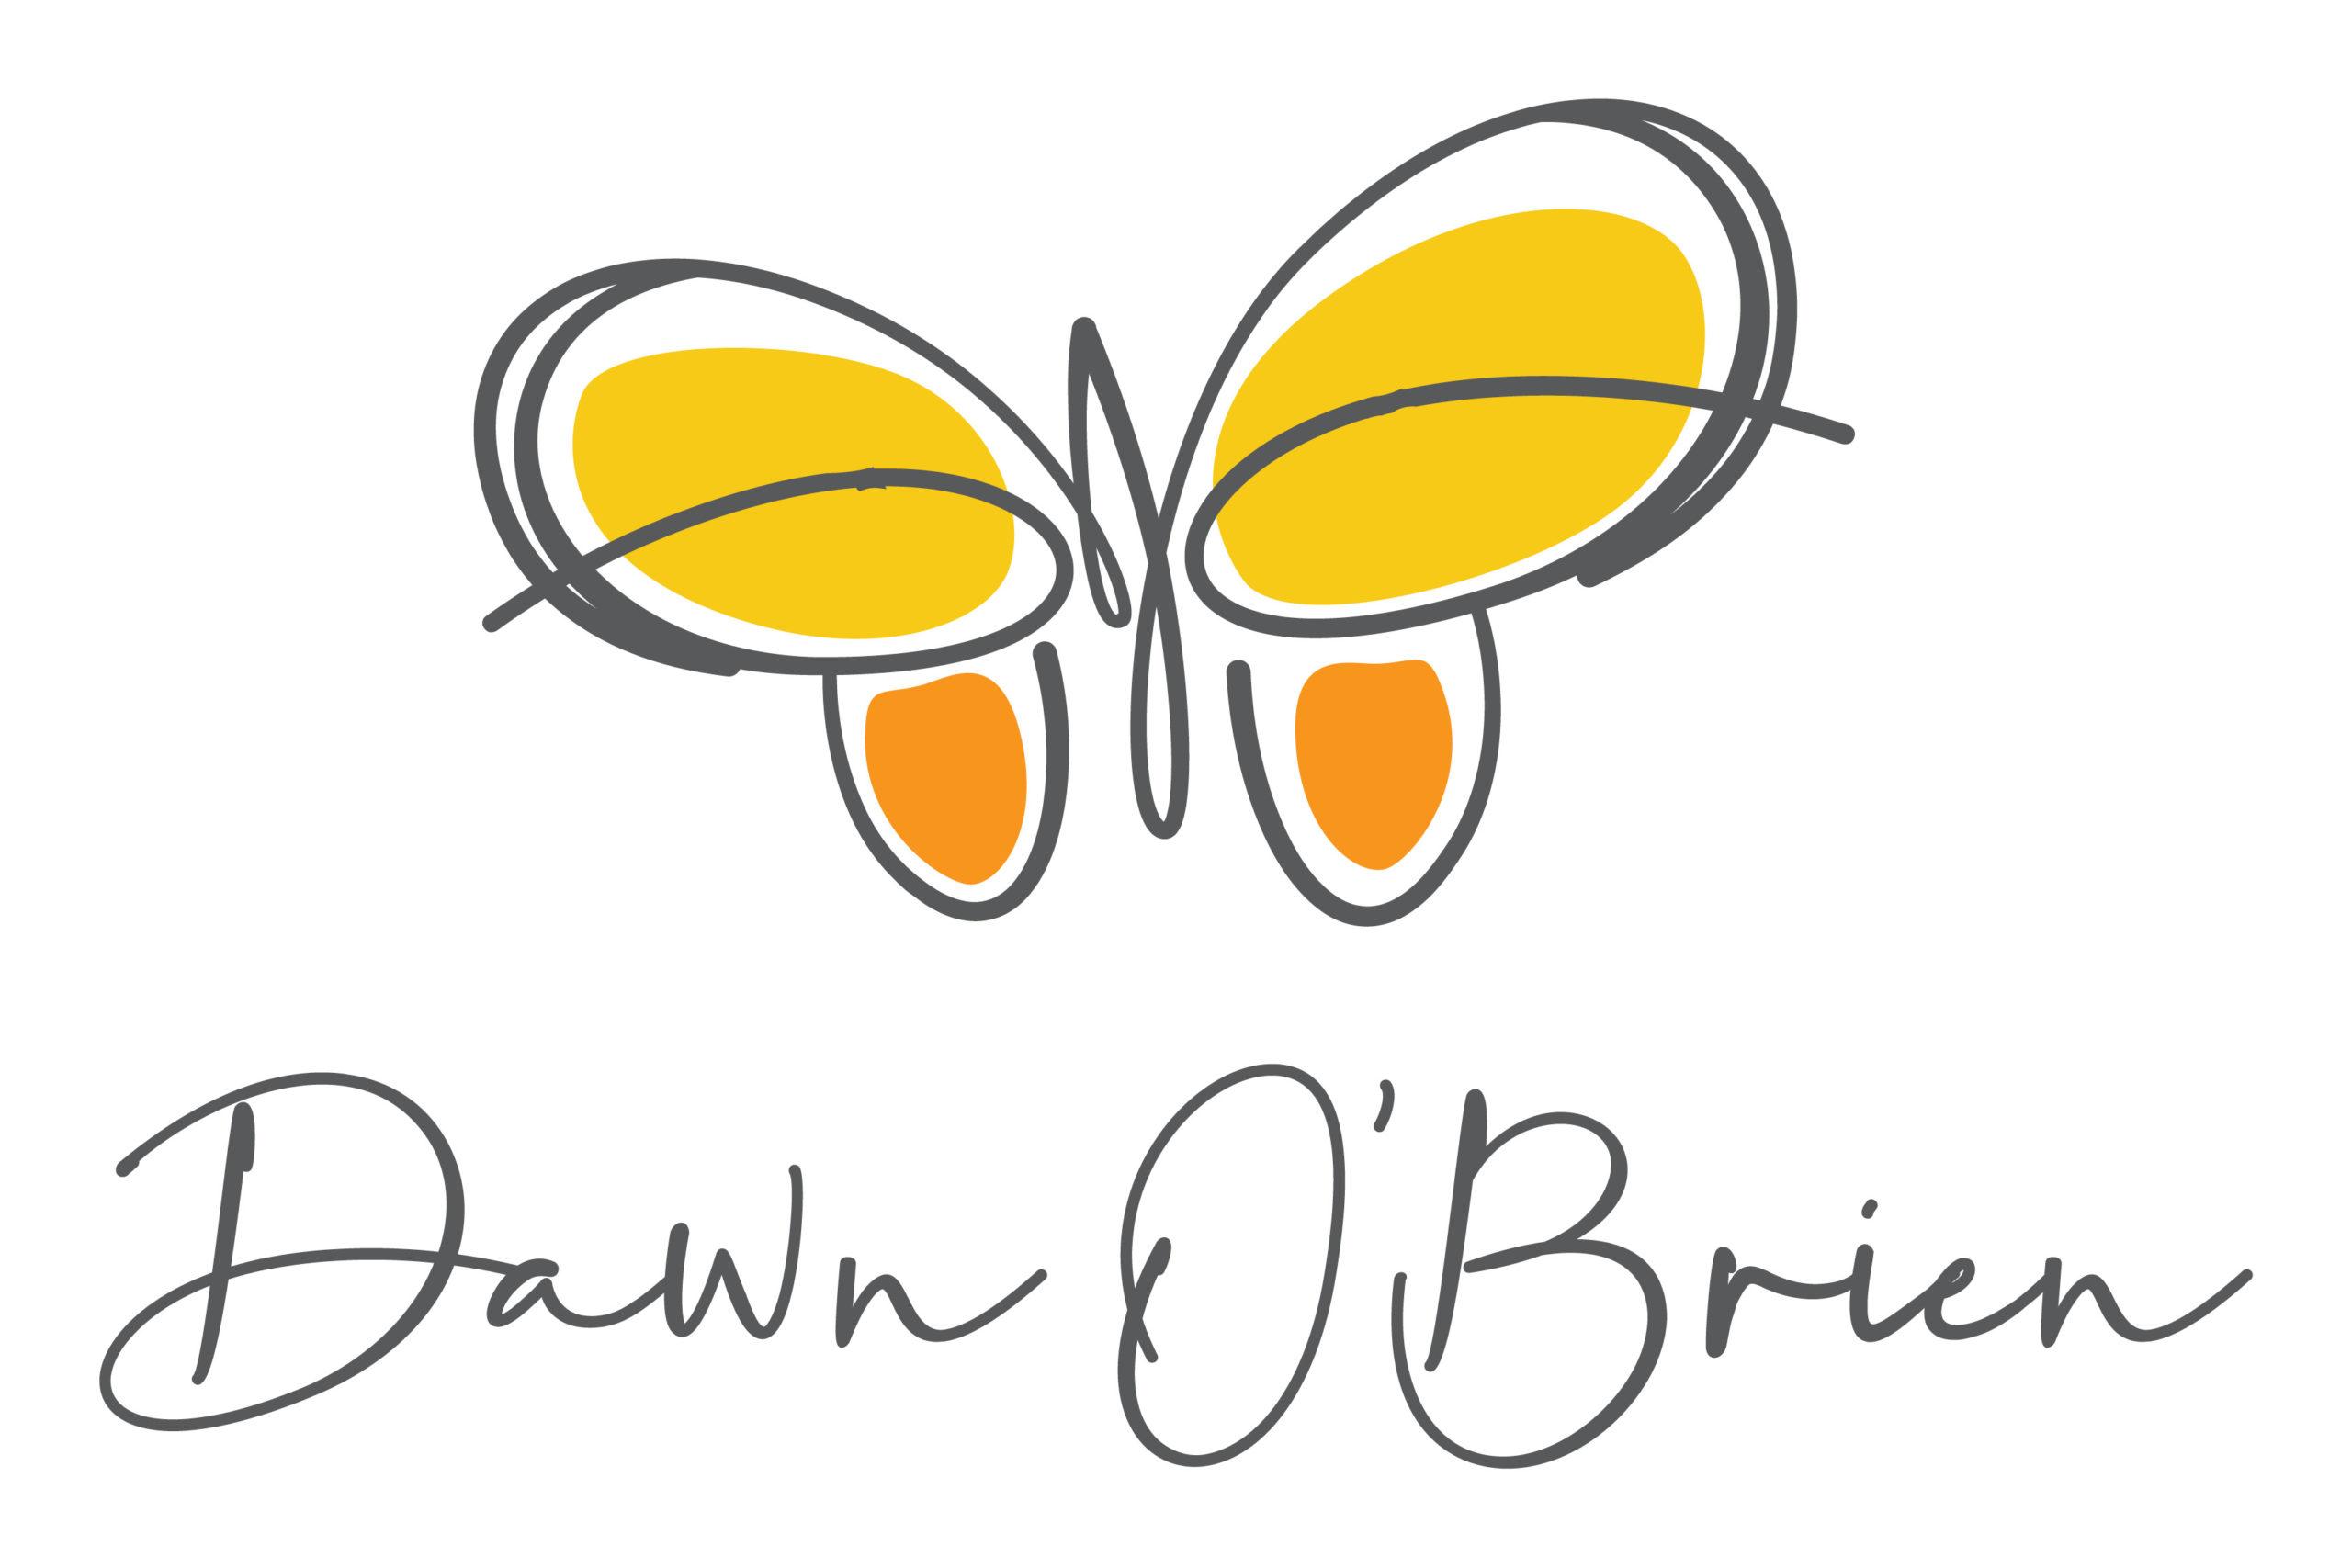 Dawn O'Brien